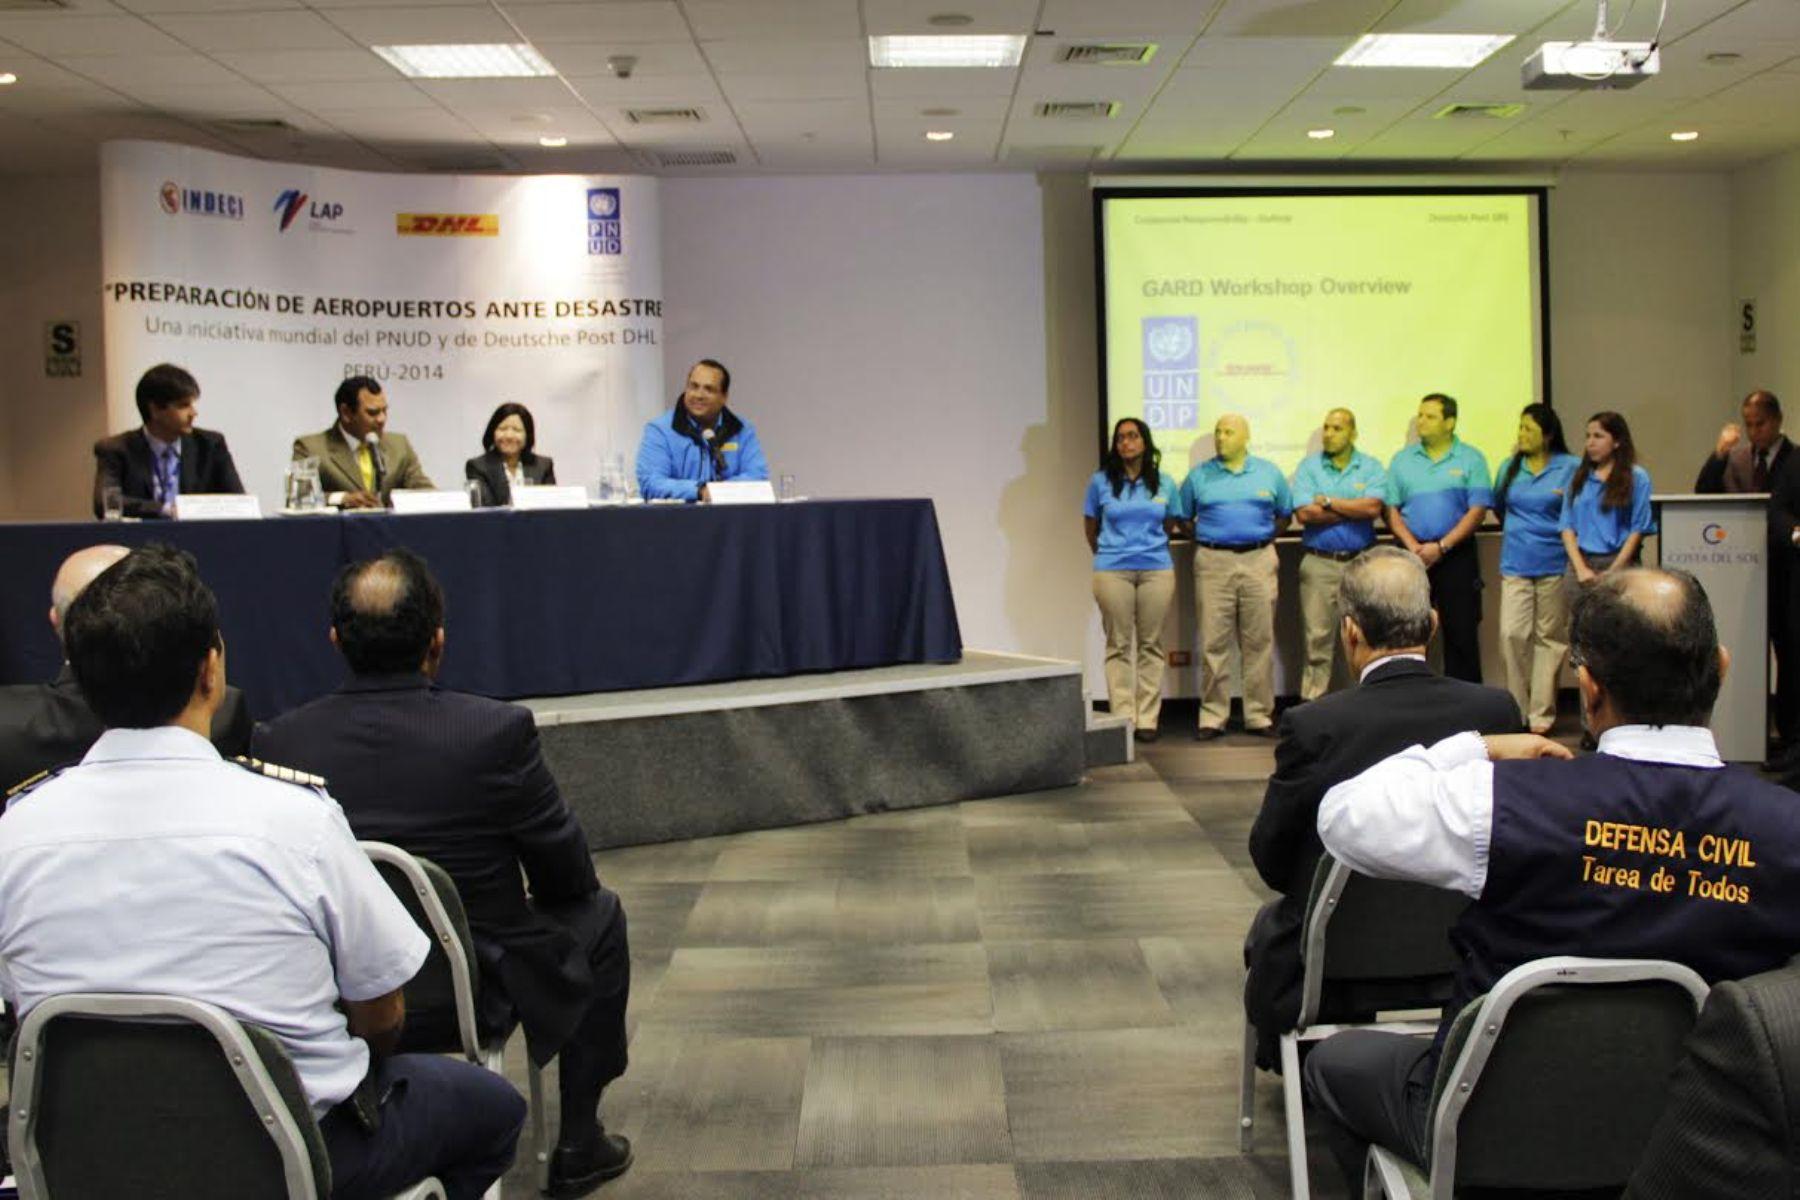 Taller Preparación de Aeropuertos ante desastres. PNUD- INDECI-DHL